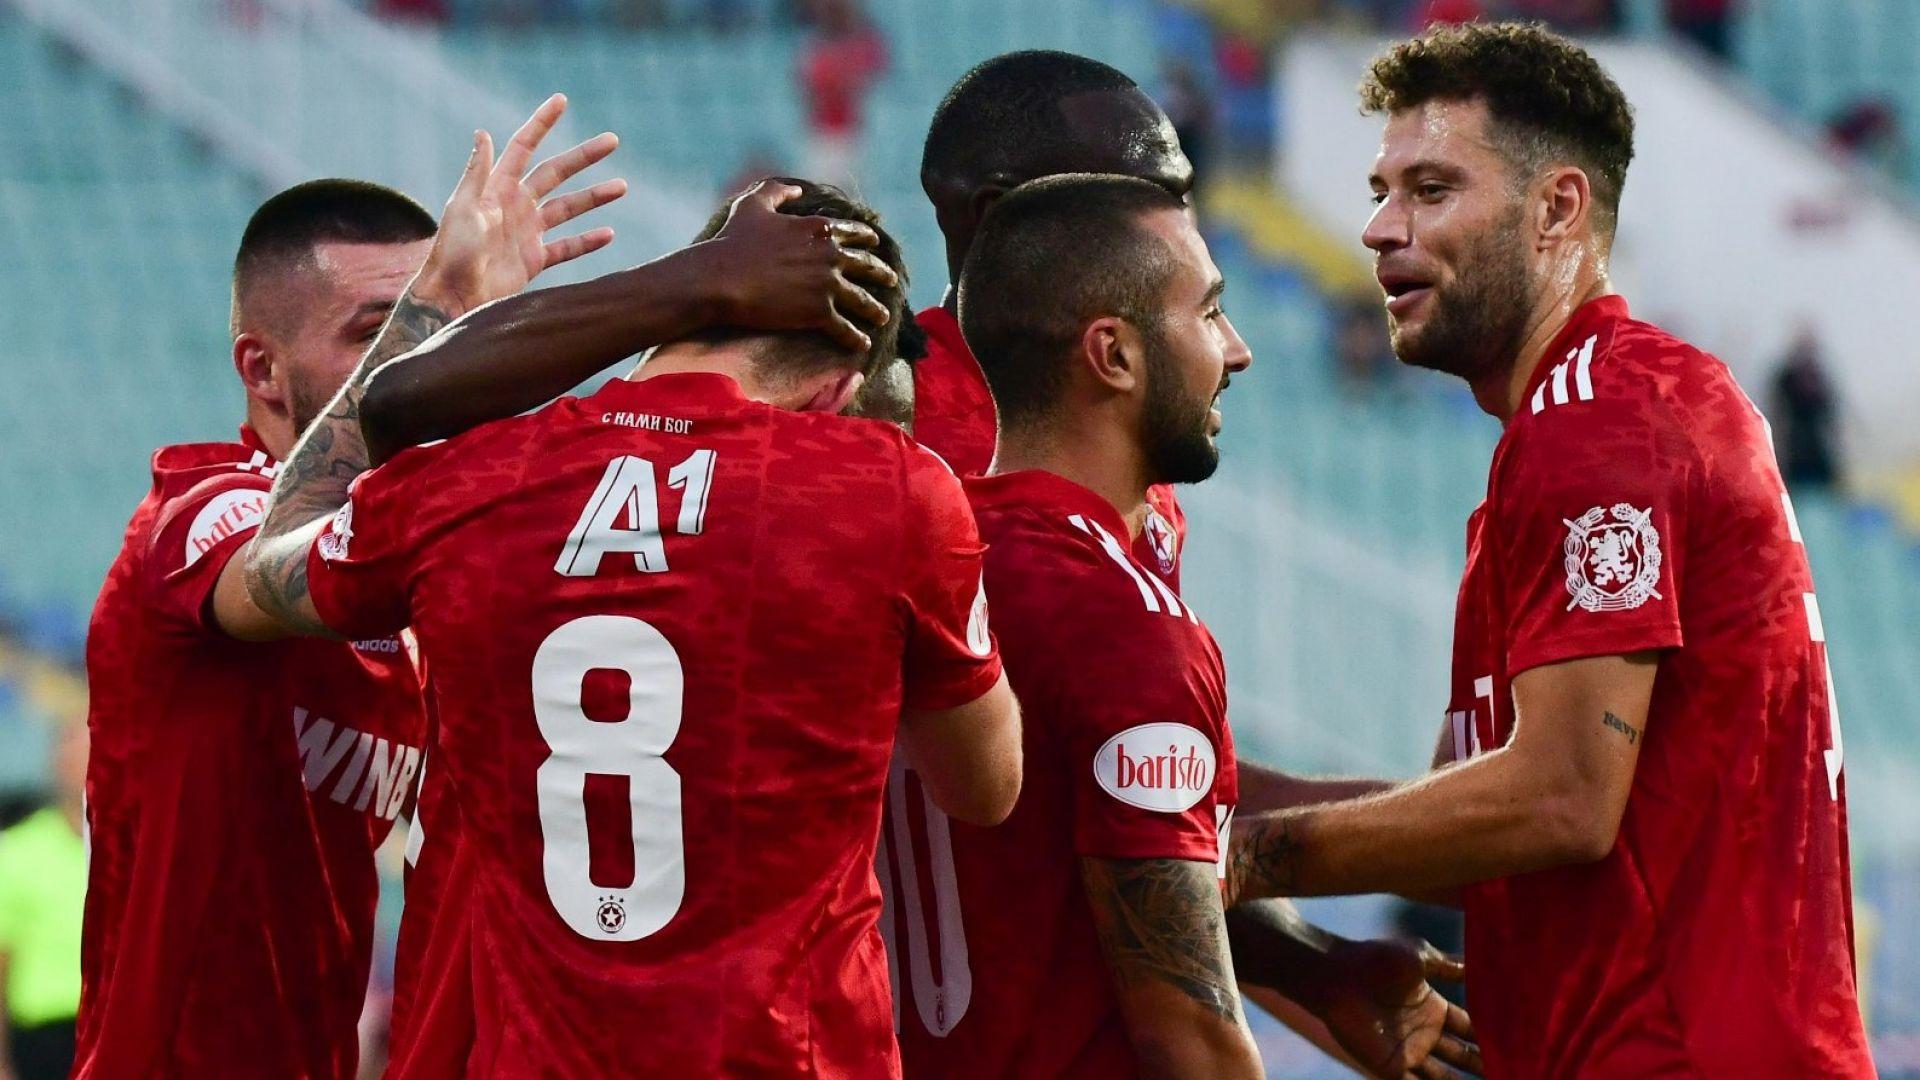 Локо тръгва за подвиг в Дания, ЦСКА търси сигурност в Хърватия